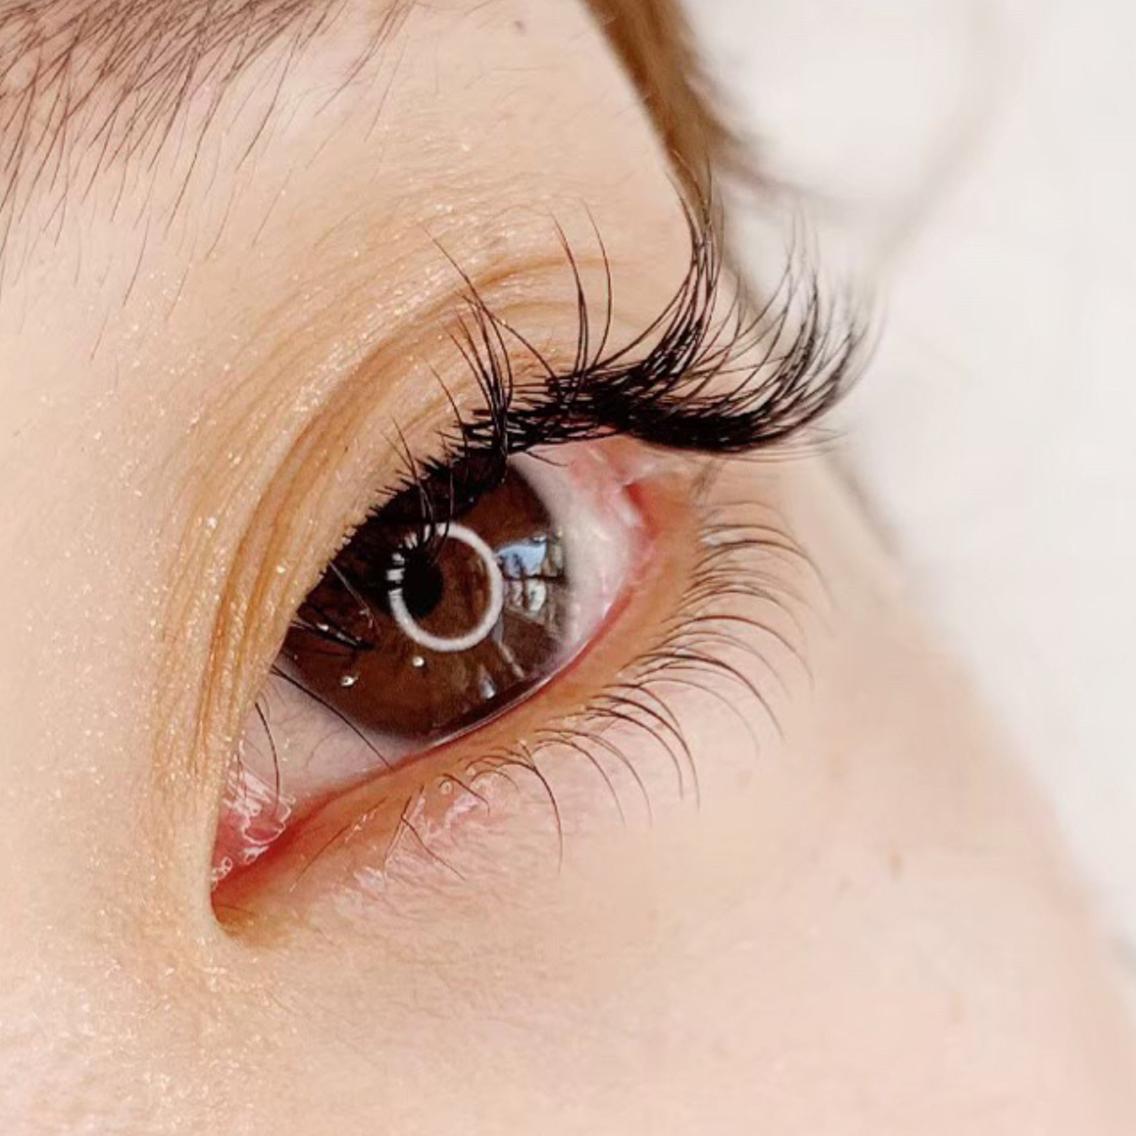 Eye Lash Salon Vivi (ヴィヴィ)所属・Sato Juriの掲載